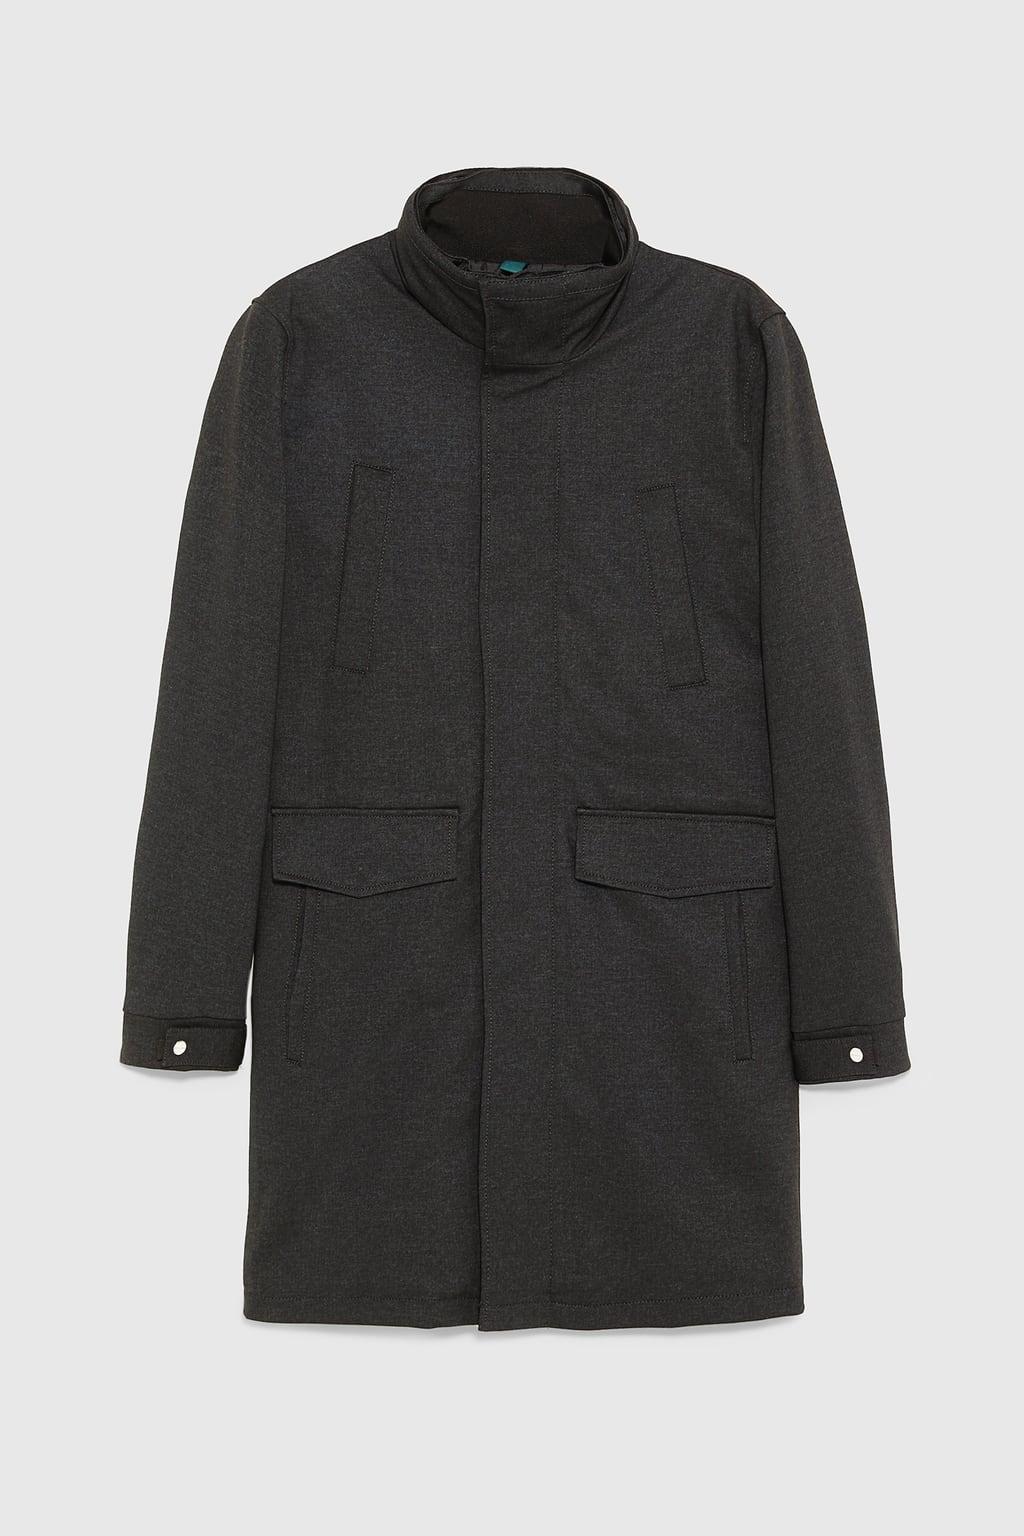 Puffer Coat, Zara, £99.99